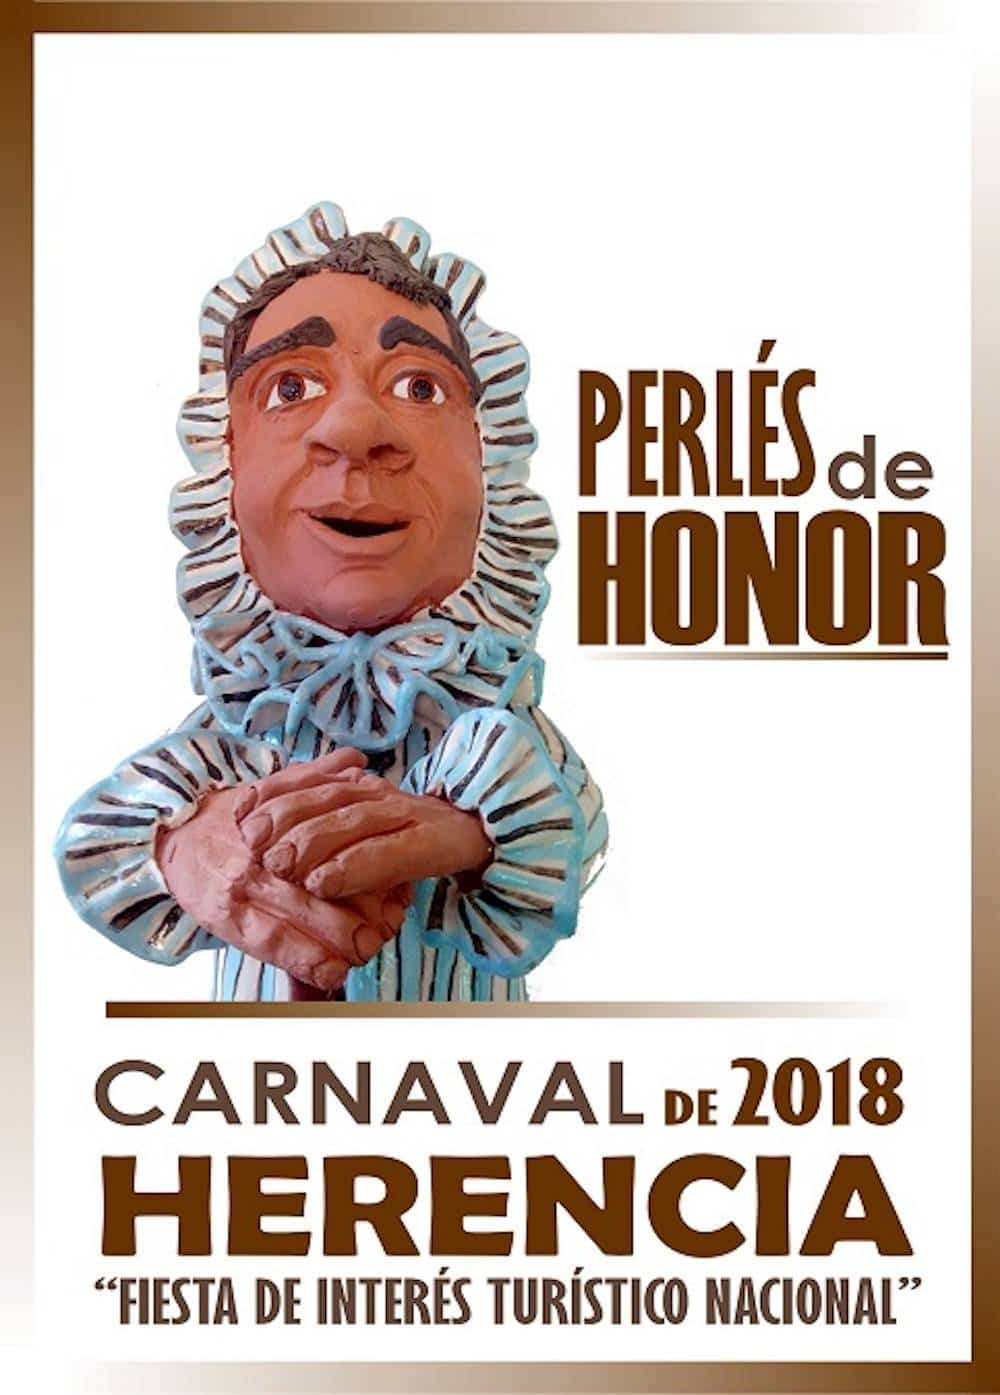 perles de honor 2018 - Conoce a los nominados para los Perlés de Honor del Carnaval de Herencia